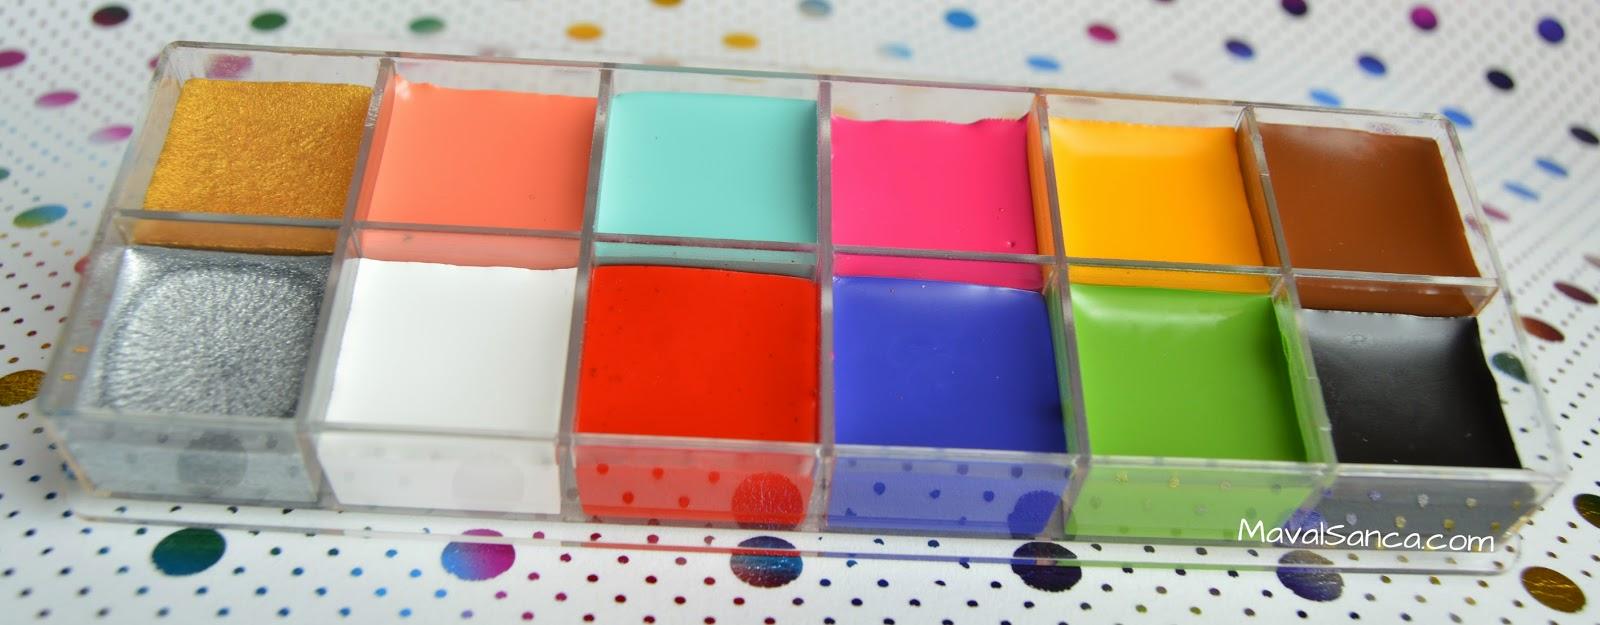 Paleta de colores para maquillaje de fantas a de for Paleta de colores pared